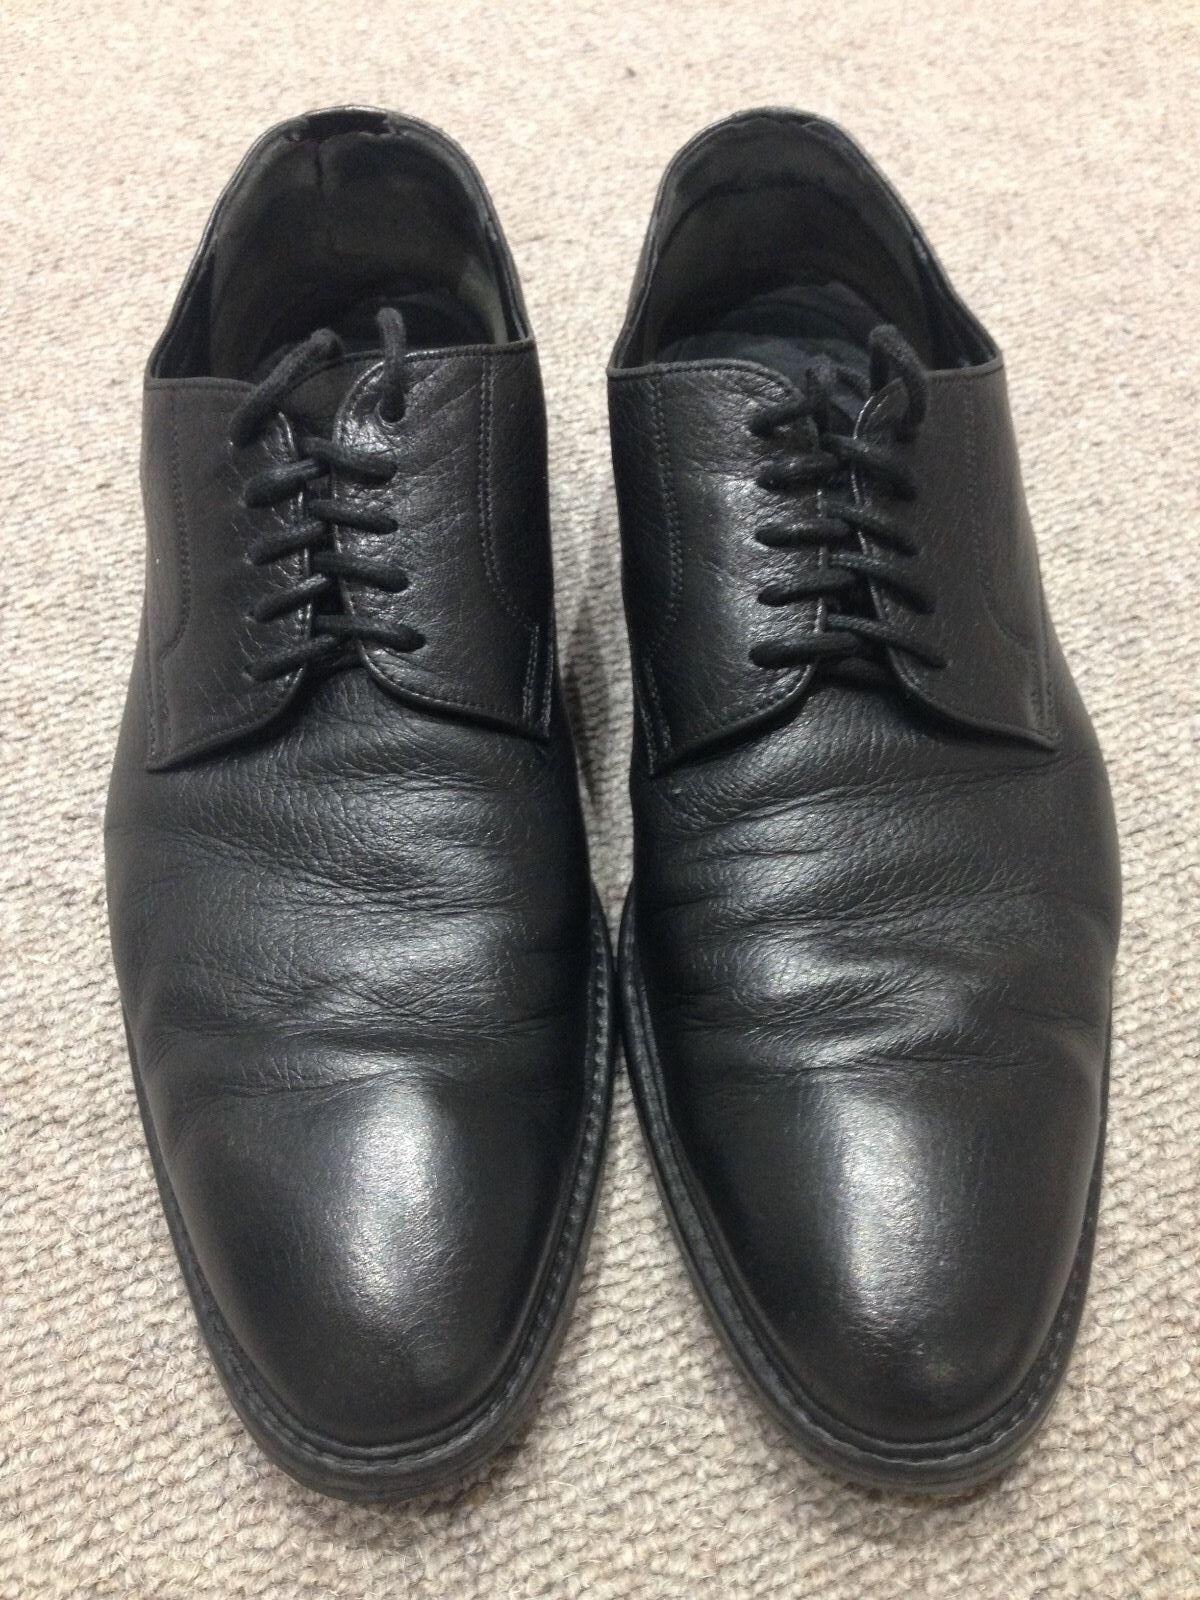 modelo más vendido de la marca Bally Clásico Cuero Hombres Zapatos